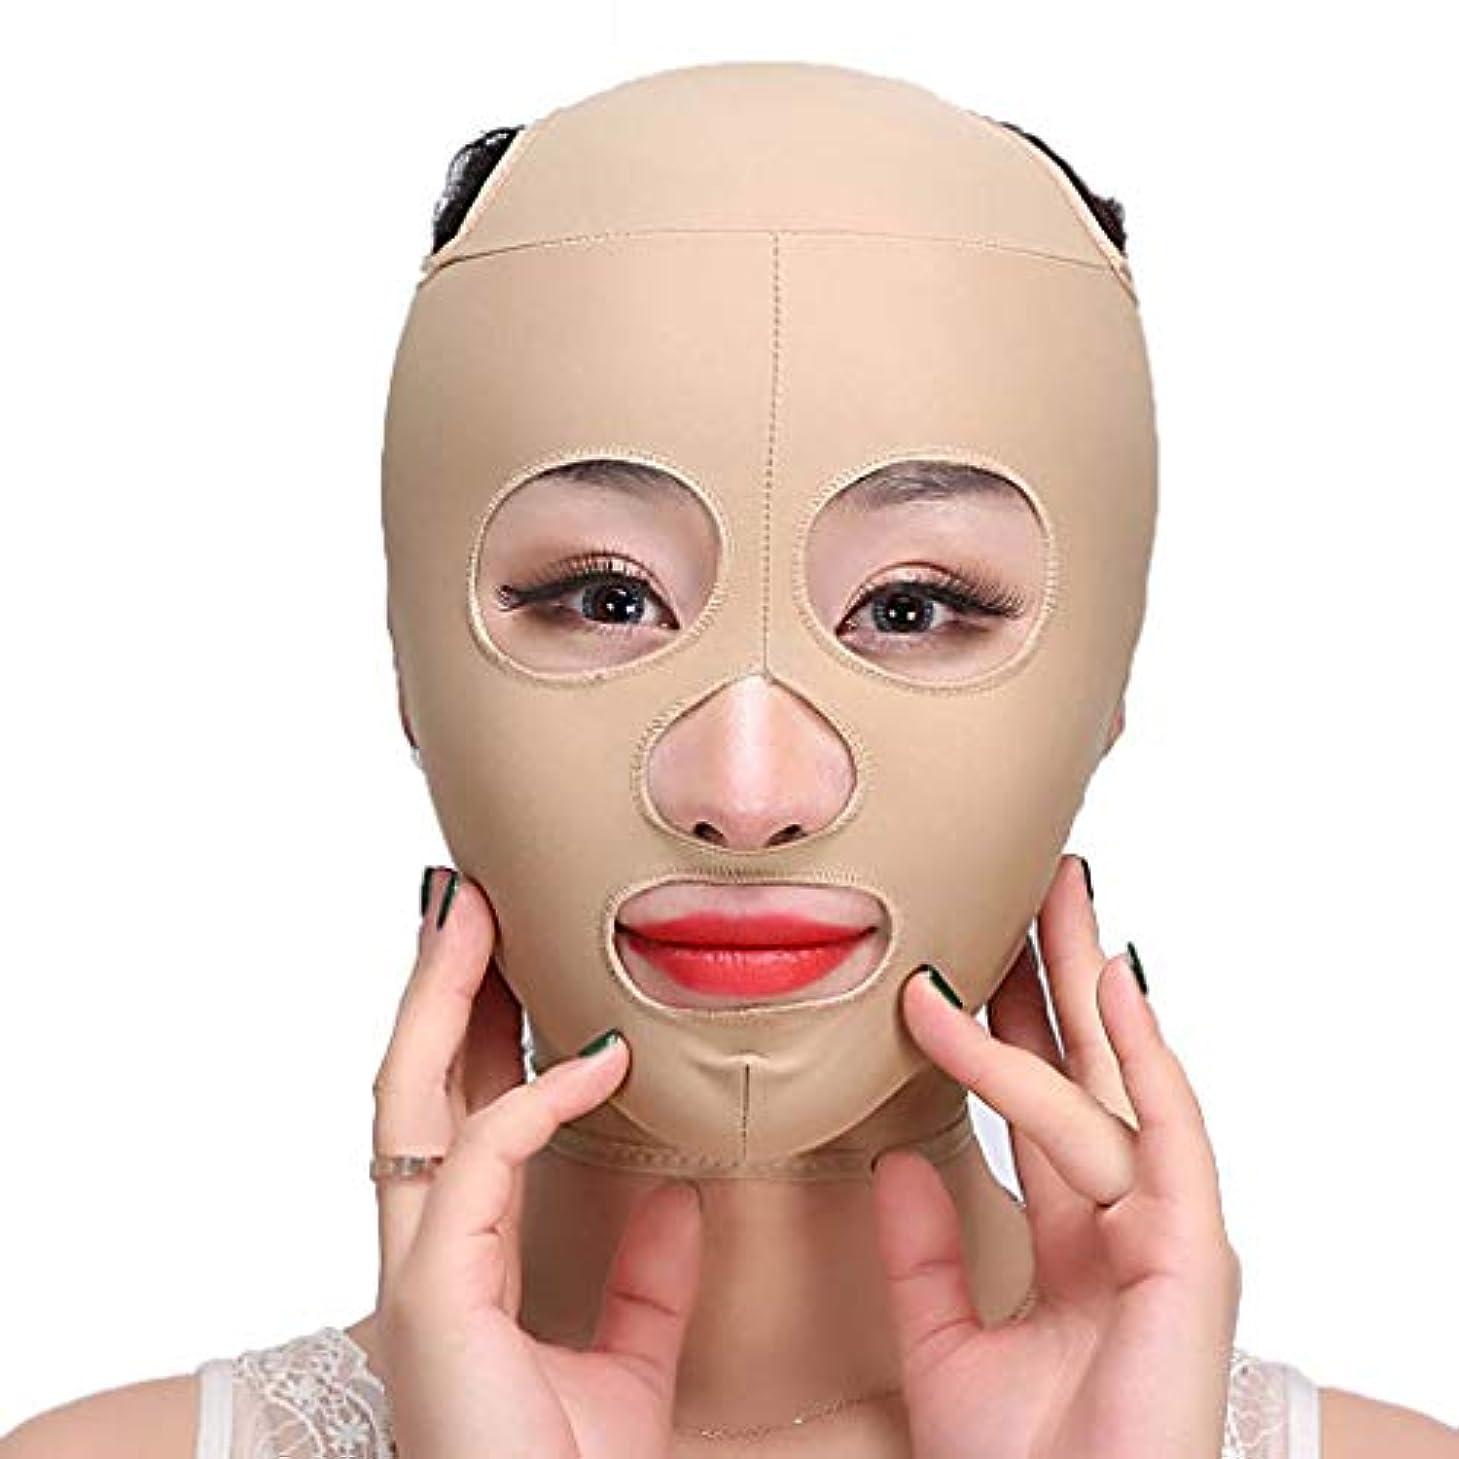 発動機見物人血統XHLMRMJ 痩身ベルト、フェイスマスク薄いフェイス楽器リフティング引き締めVフェイス男性と女性フェイスリフティングステッカーダブルチンフェイスリフティングフェイスマスク包帯フェイシャルマッサージ (Size : L)